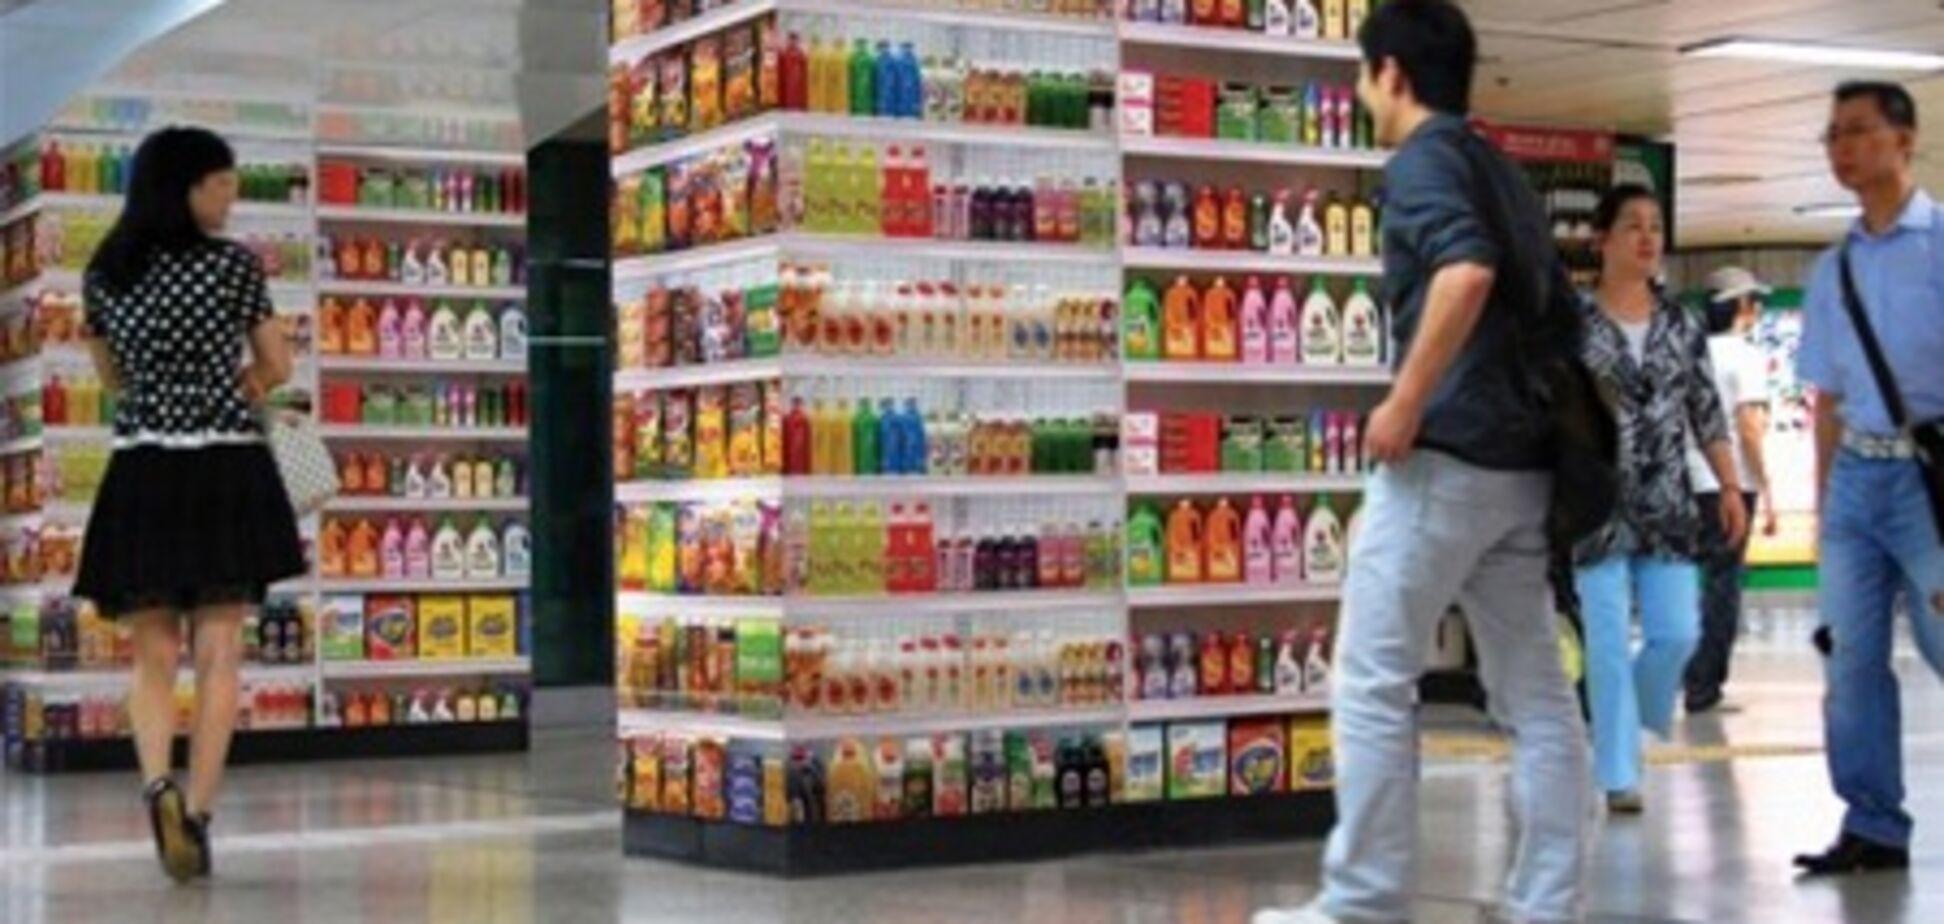 В магазины срочно нужны руководители - эксперт